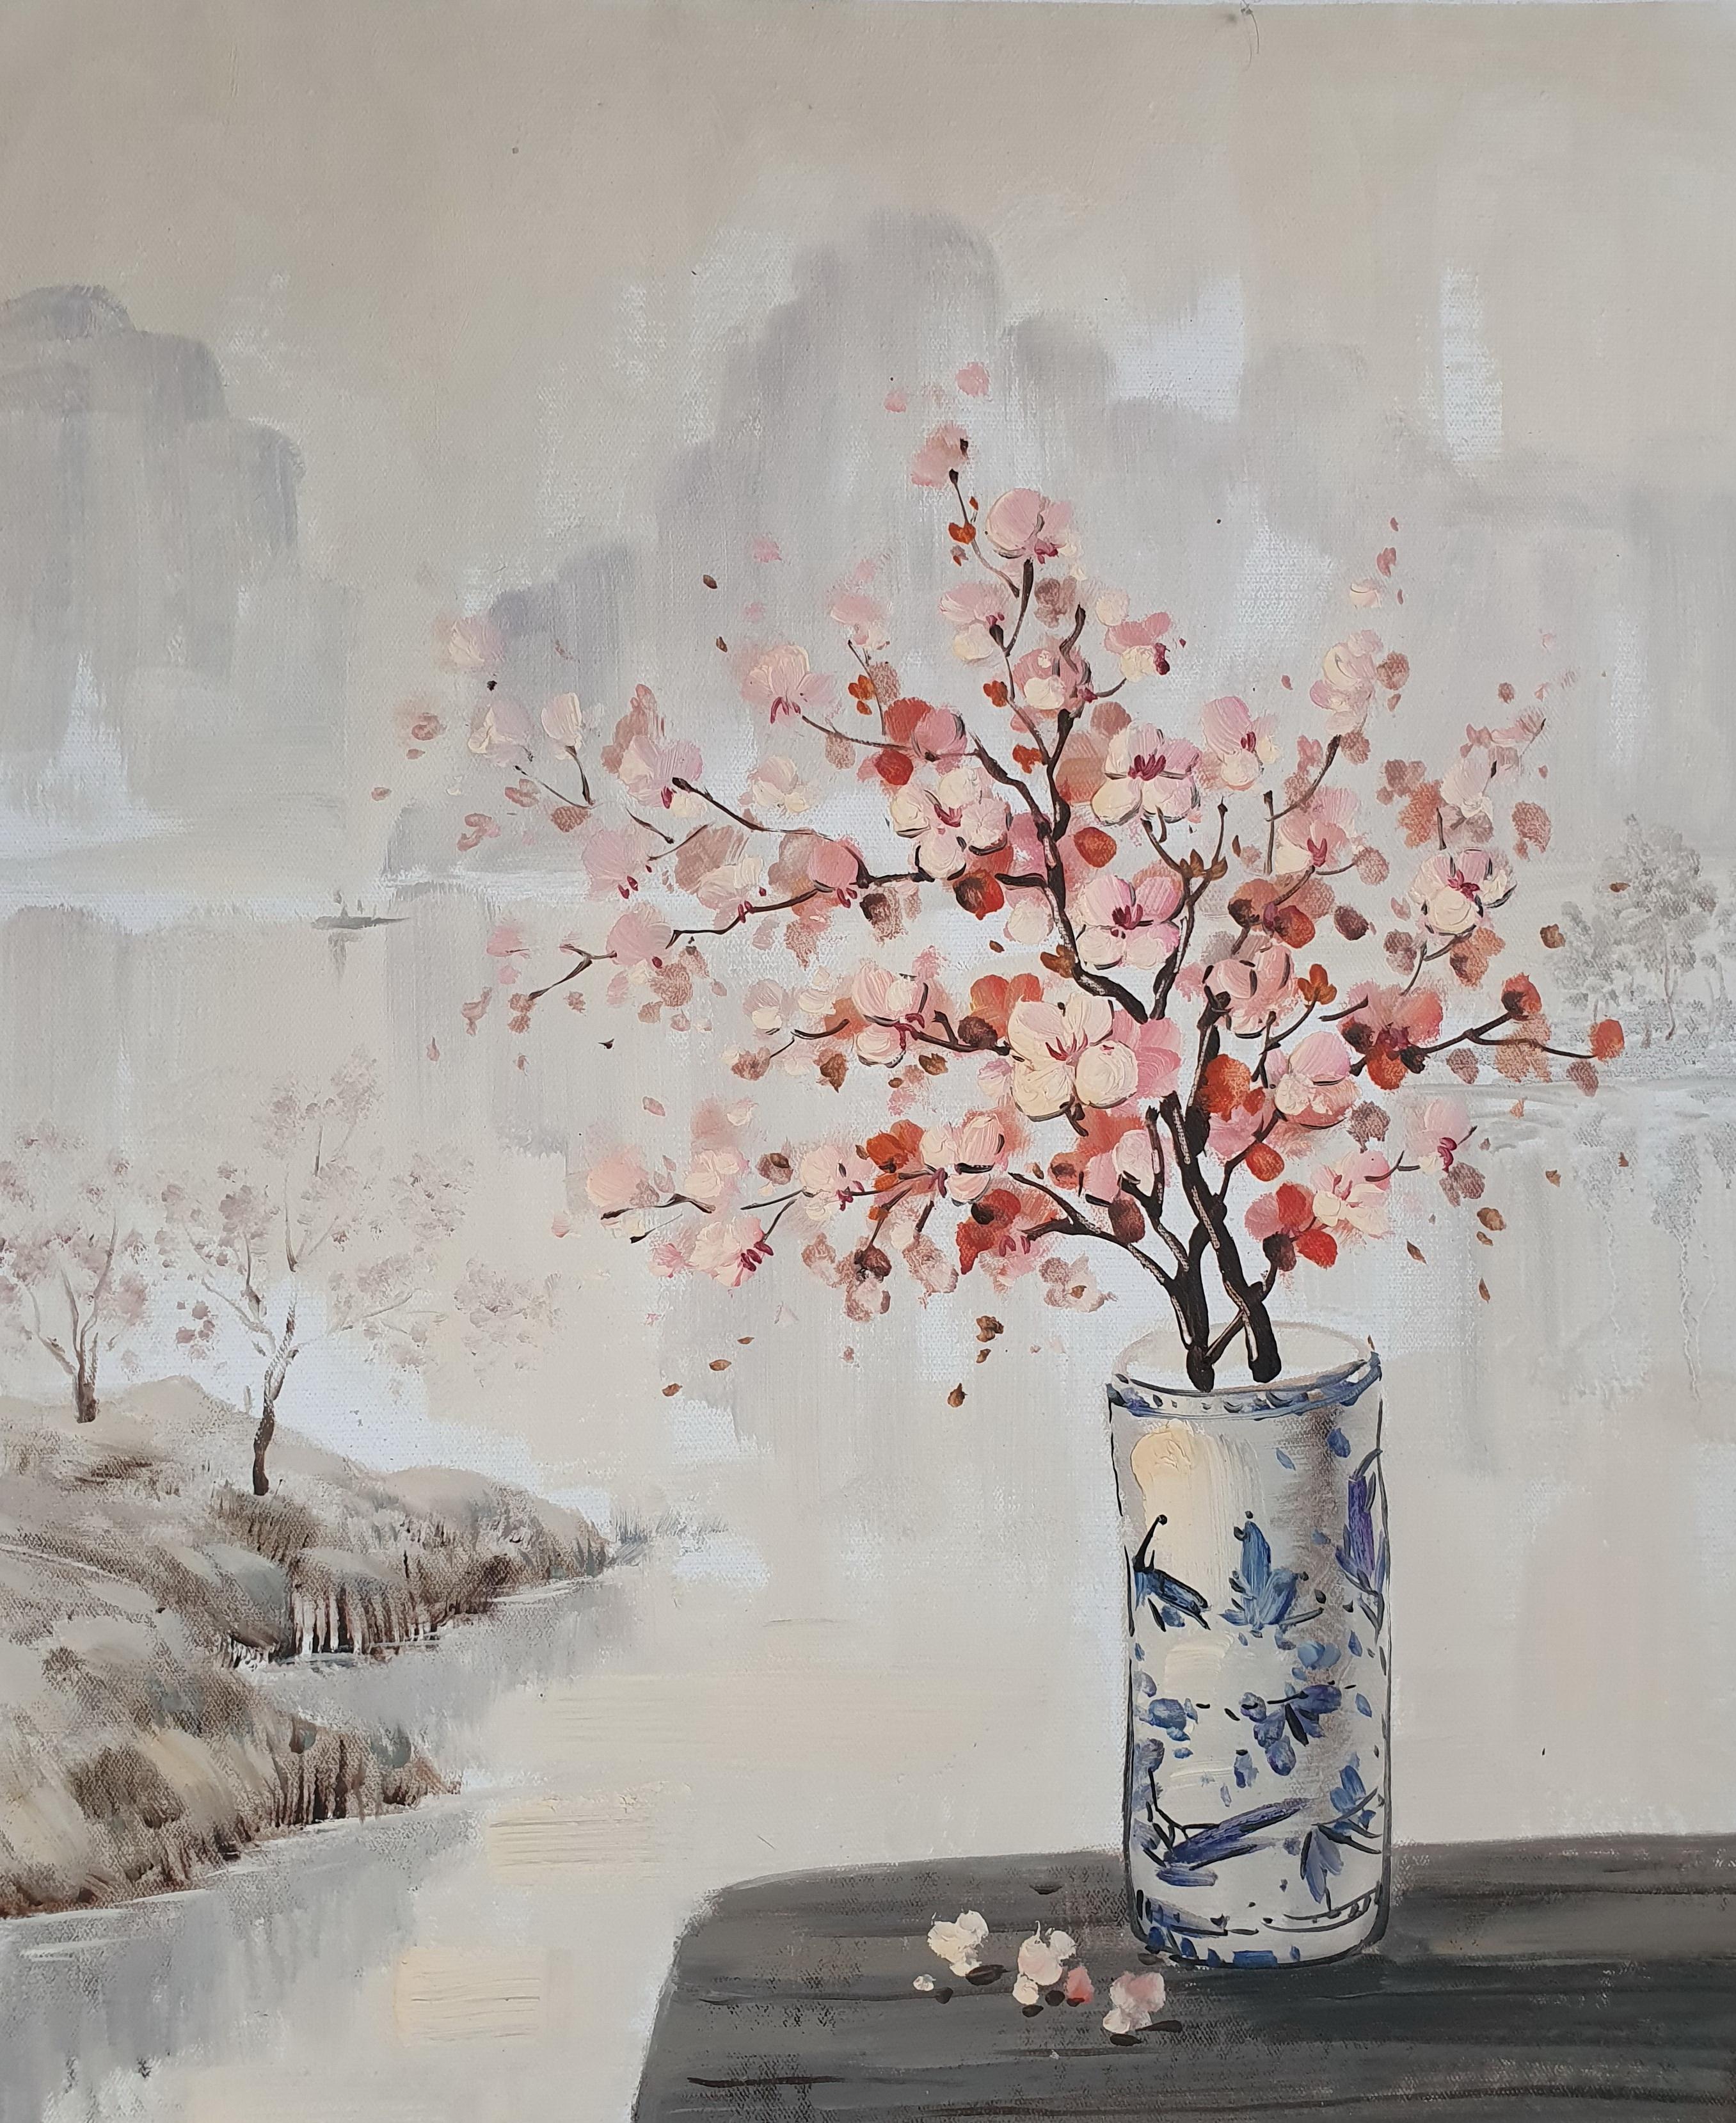 «Ветка сакуры» картина 50х60 арт. 5Ц216